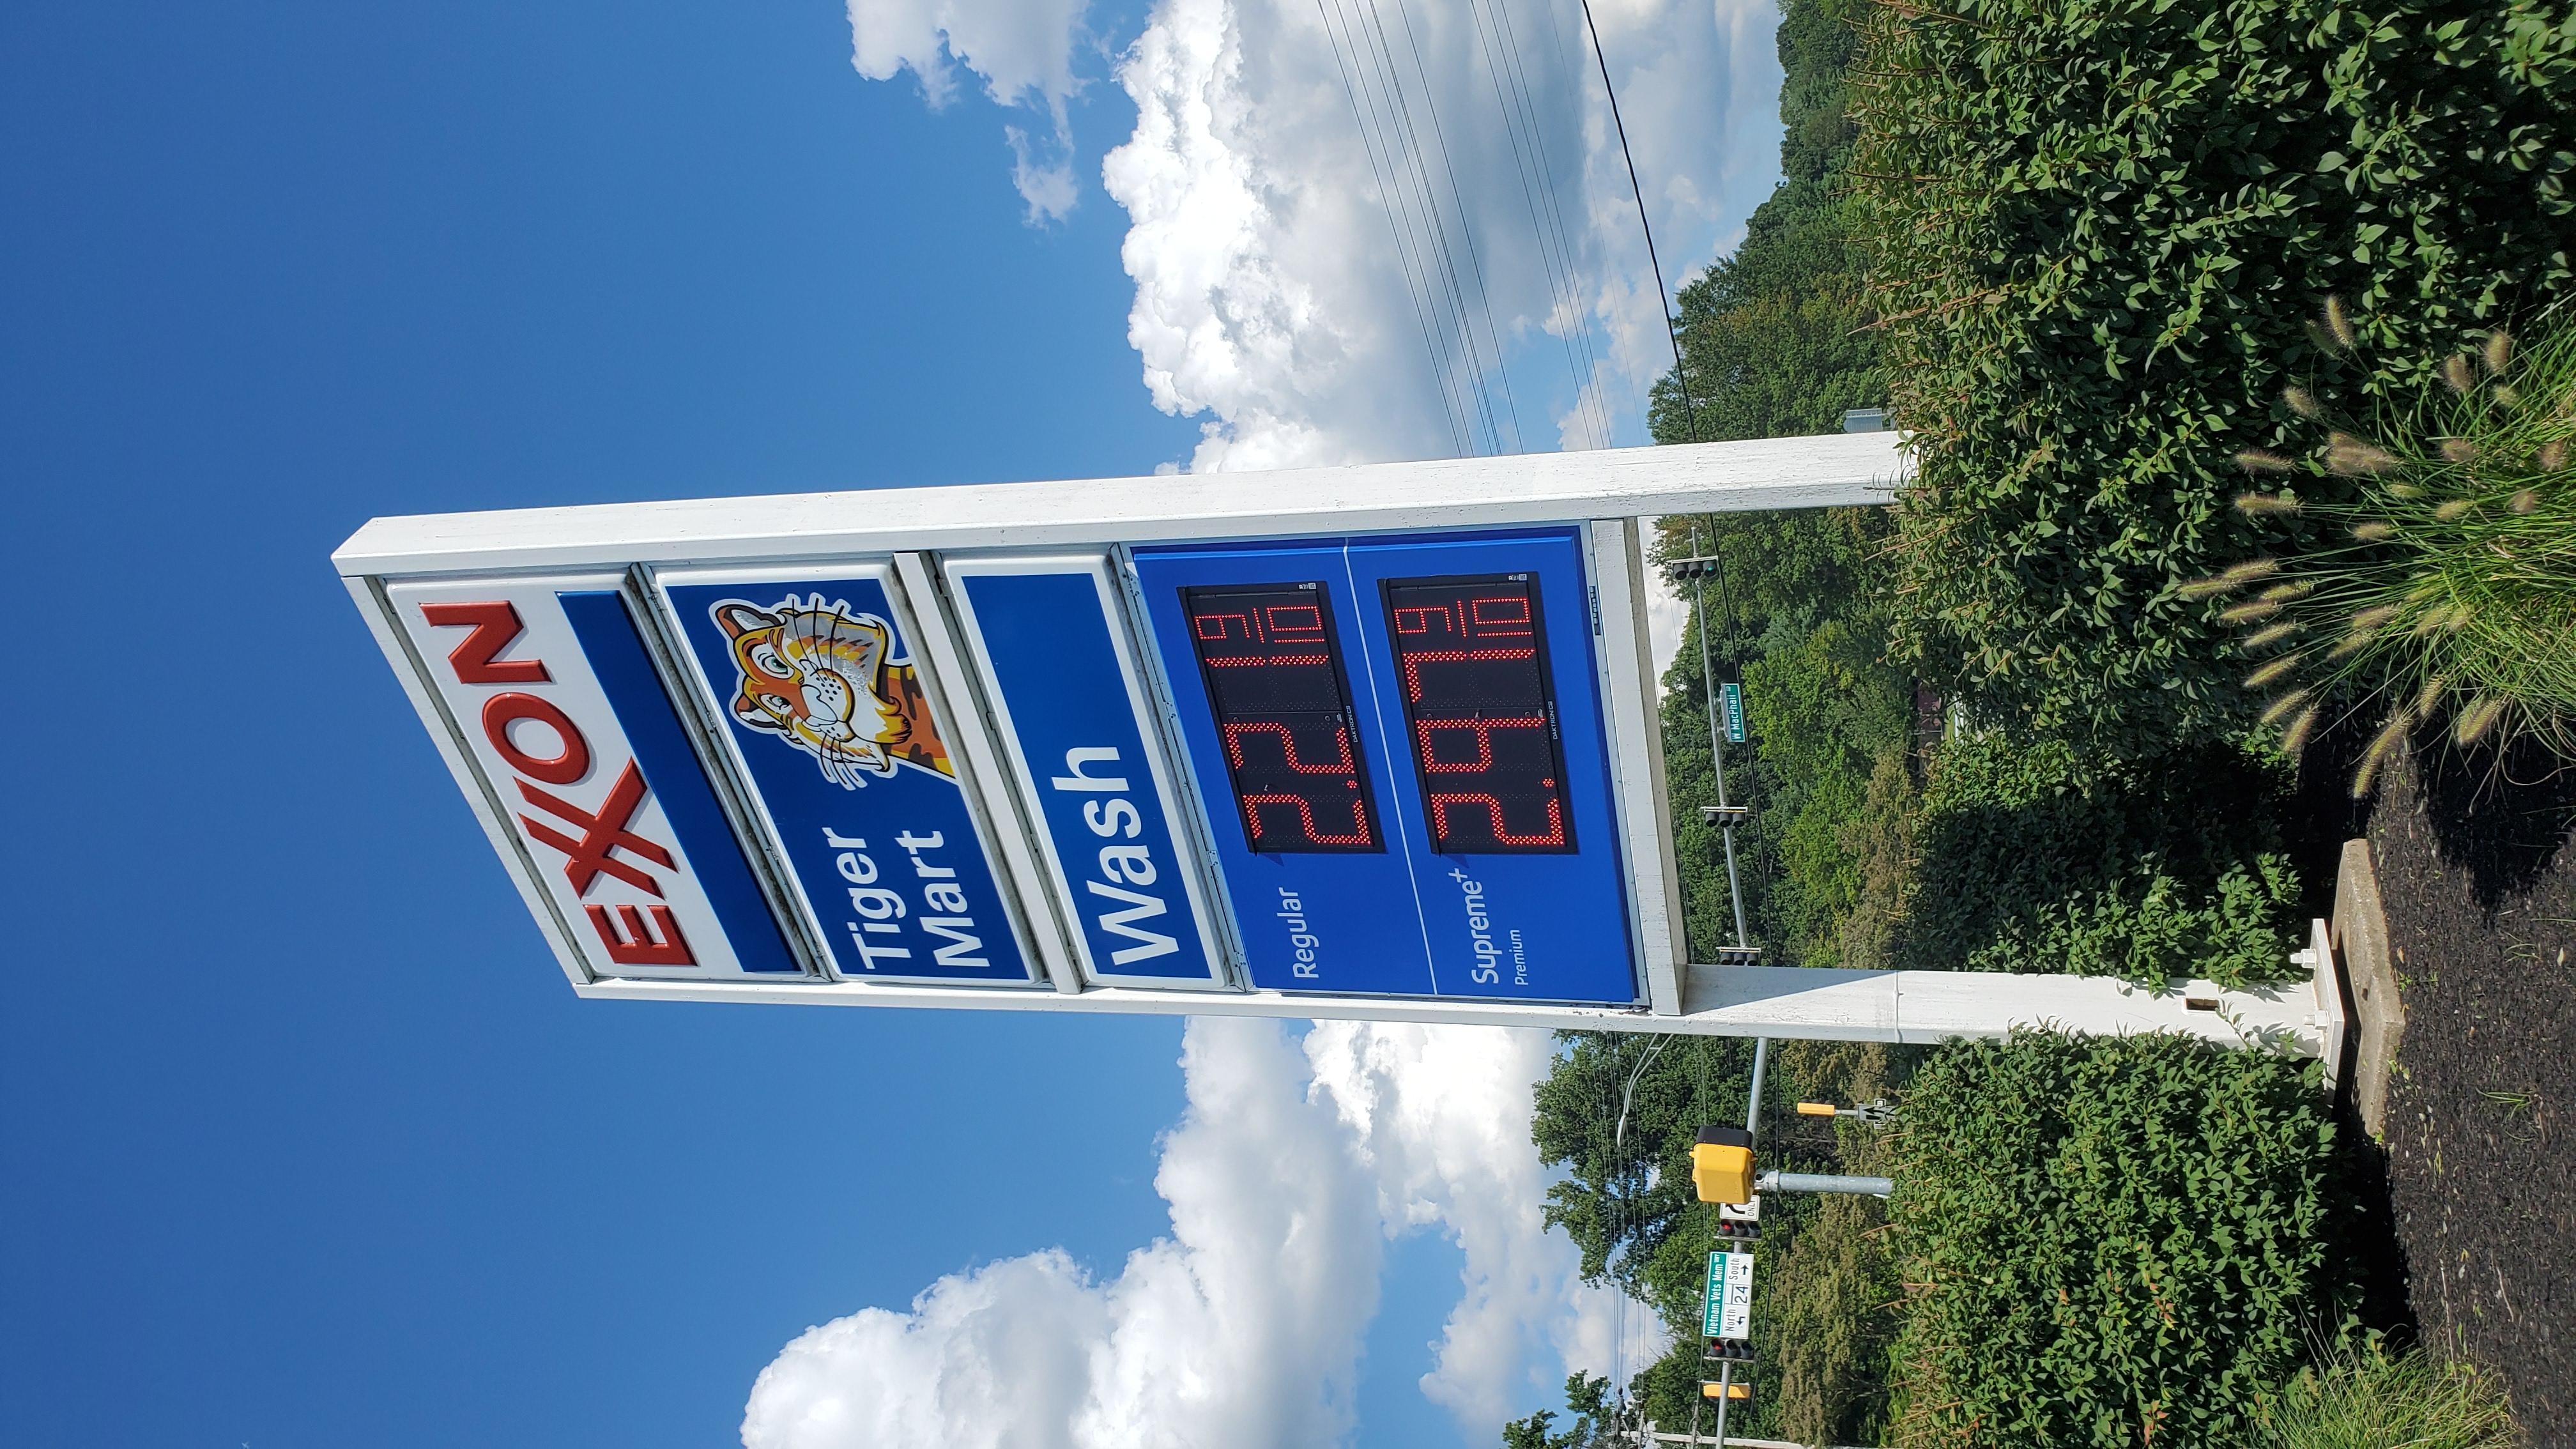 Exxon Gas Sign